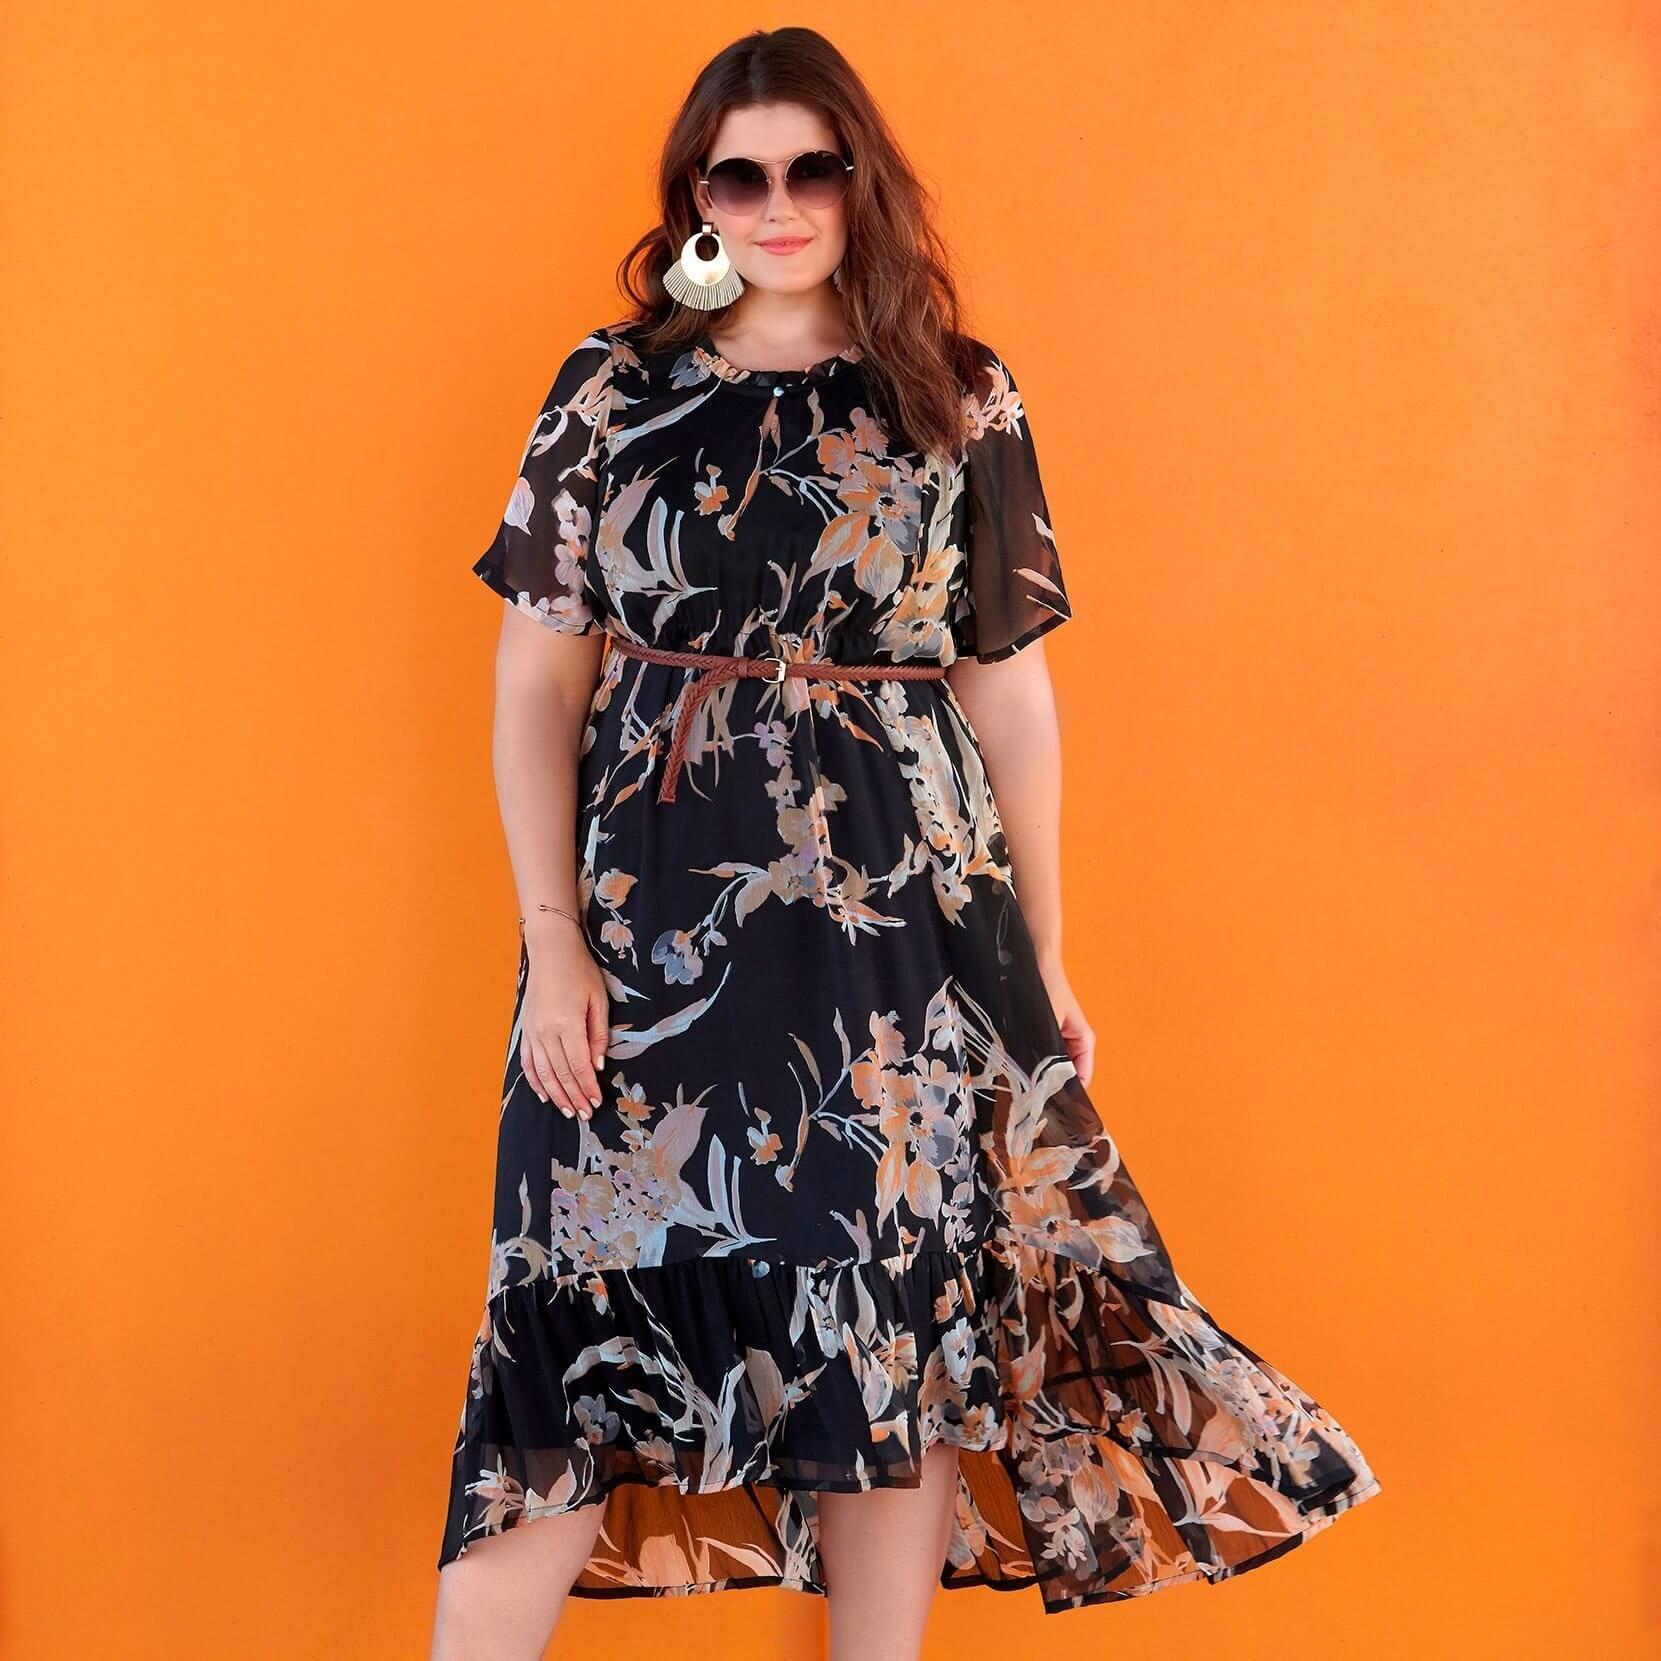 3ad5e10dff1e Lang sort kjole med korte ærmer fra Zhenzi. Kjolen har en fast underkjole  med let